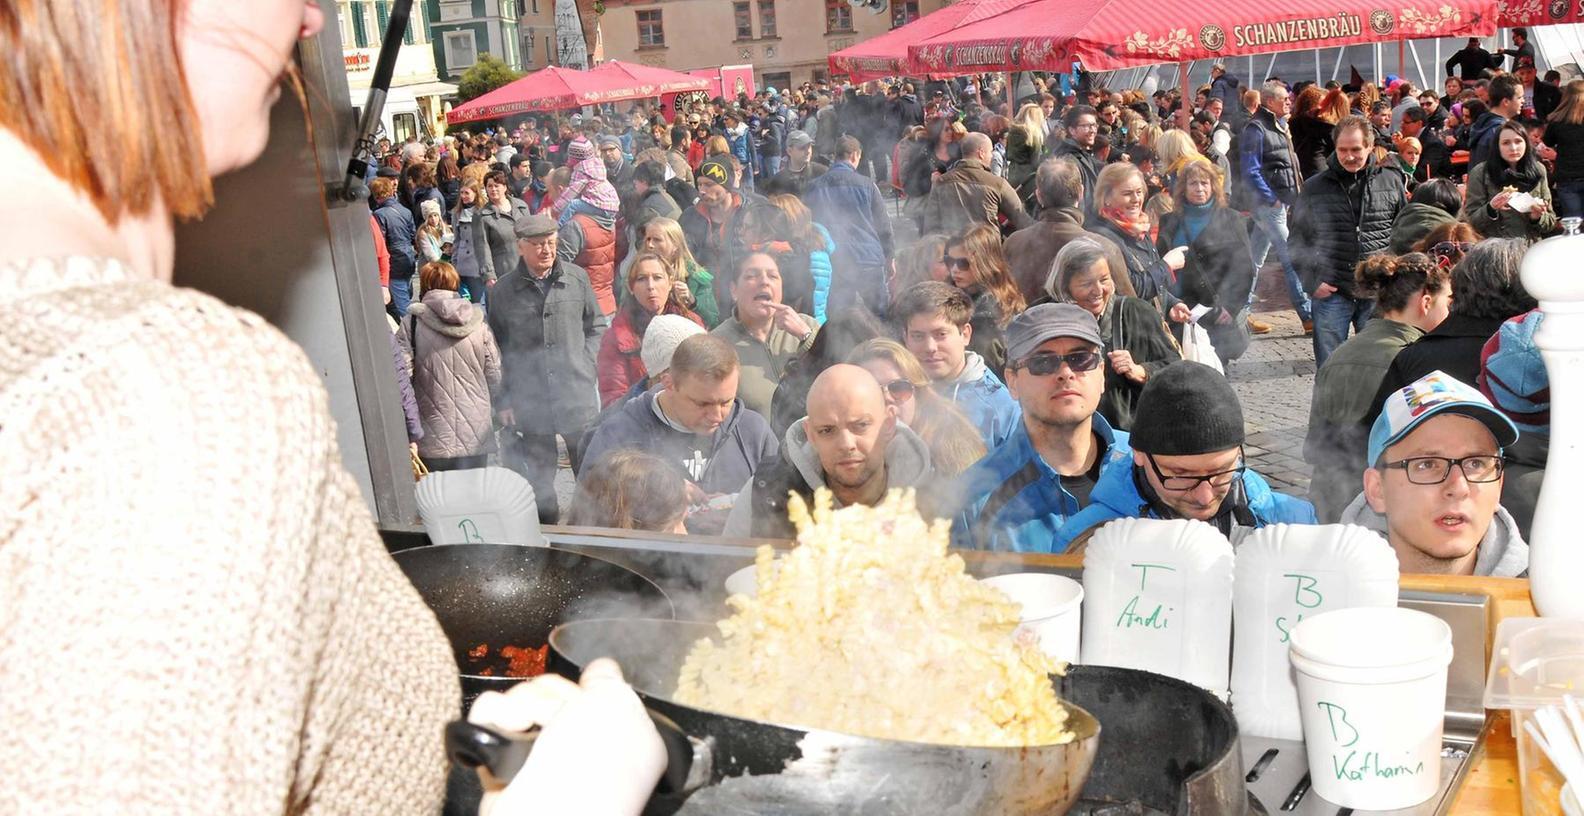 """Umlagerter """"Pasta-Laster"""": Frisch zubereitet, mundeten die angebotenen Nudel-Variationen, ob mit Fleischeinlage oder für Vegetarier. Einige tausend Hungrige, schätzen die Veranstalter, kamen am Samstag auf den Marktplatz, um möglichst viel zu probieren."""